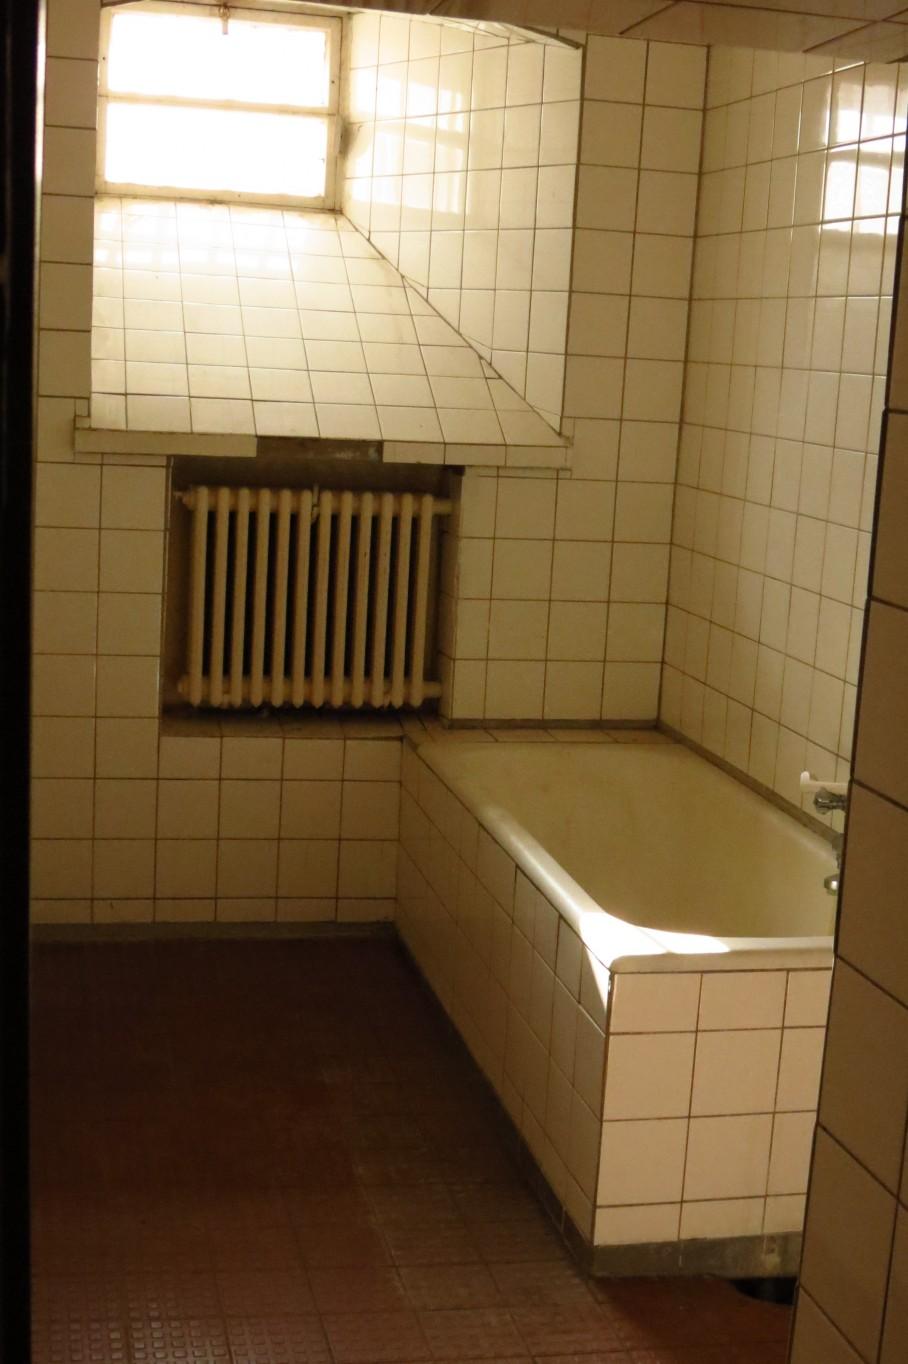 Onko hienompaa kuin kylpyamme, paitsi ehkä kylpyamme, vaahtokylpy ja kylpyankka.